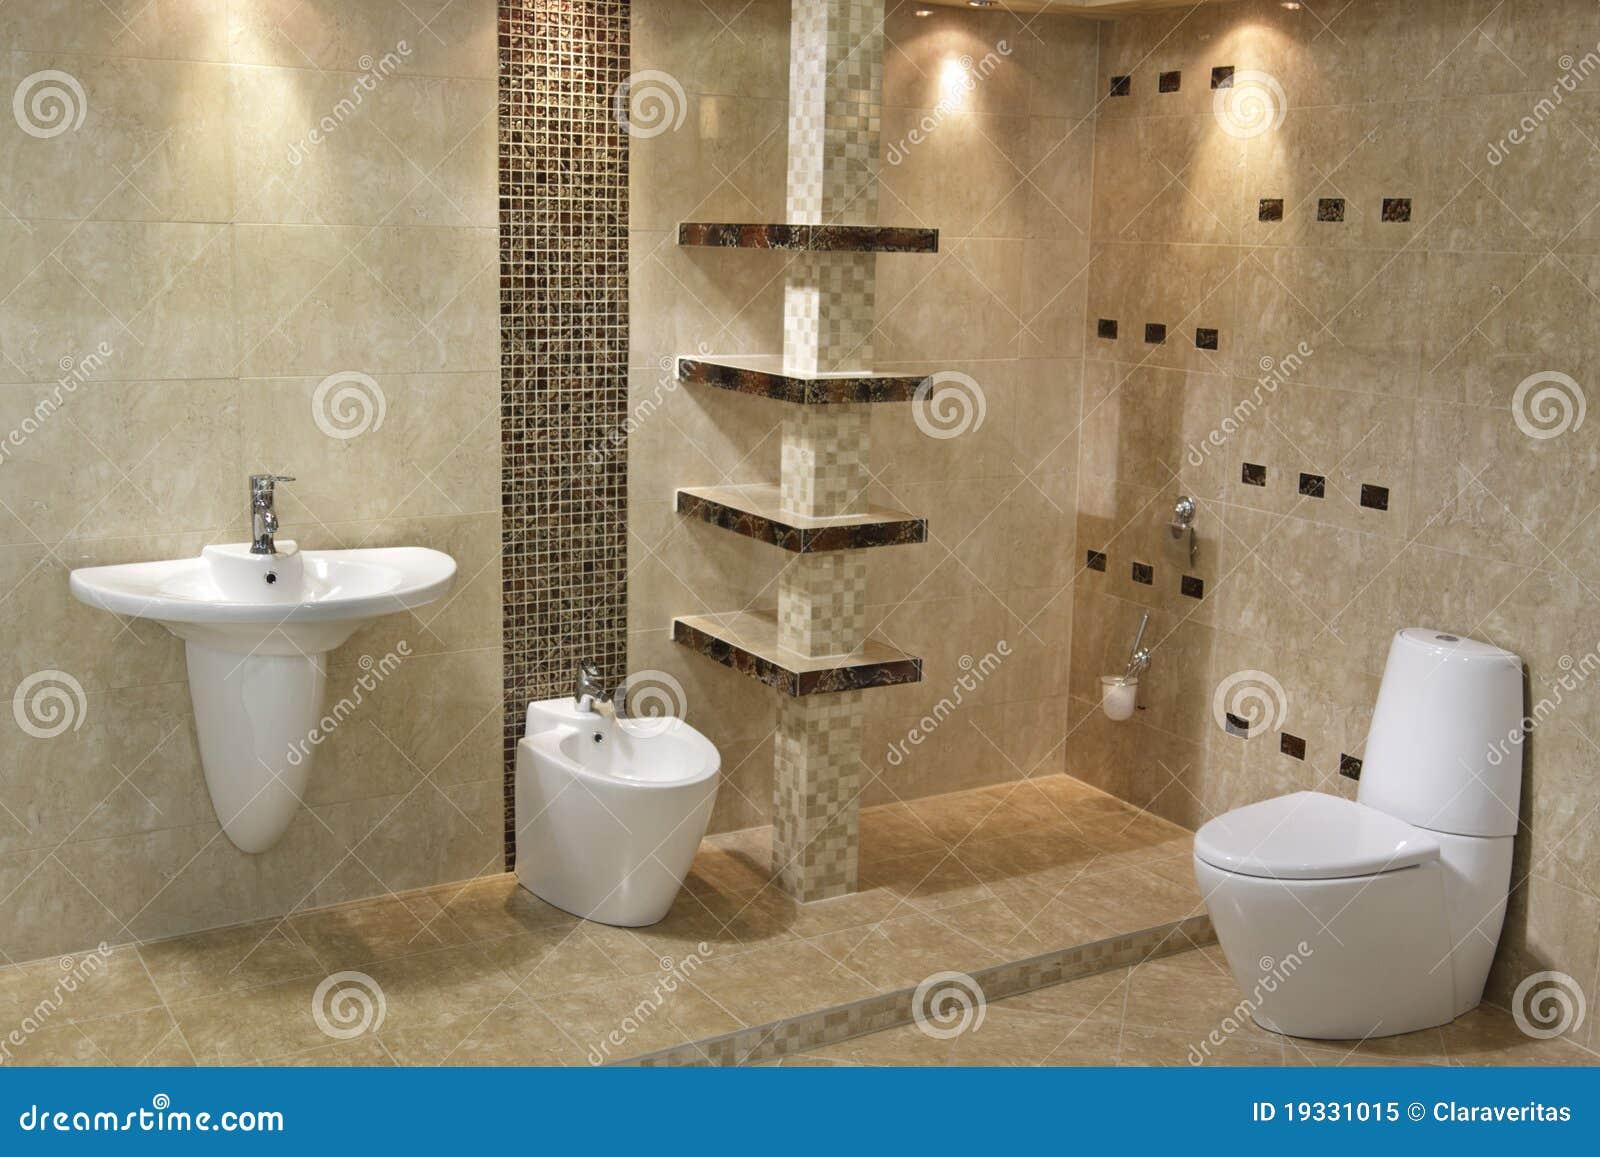 Baño Moderno Minimalista: archivo libre de regalías: Interior minimalista del cuarto de baño